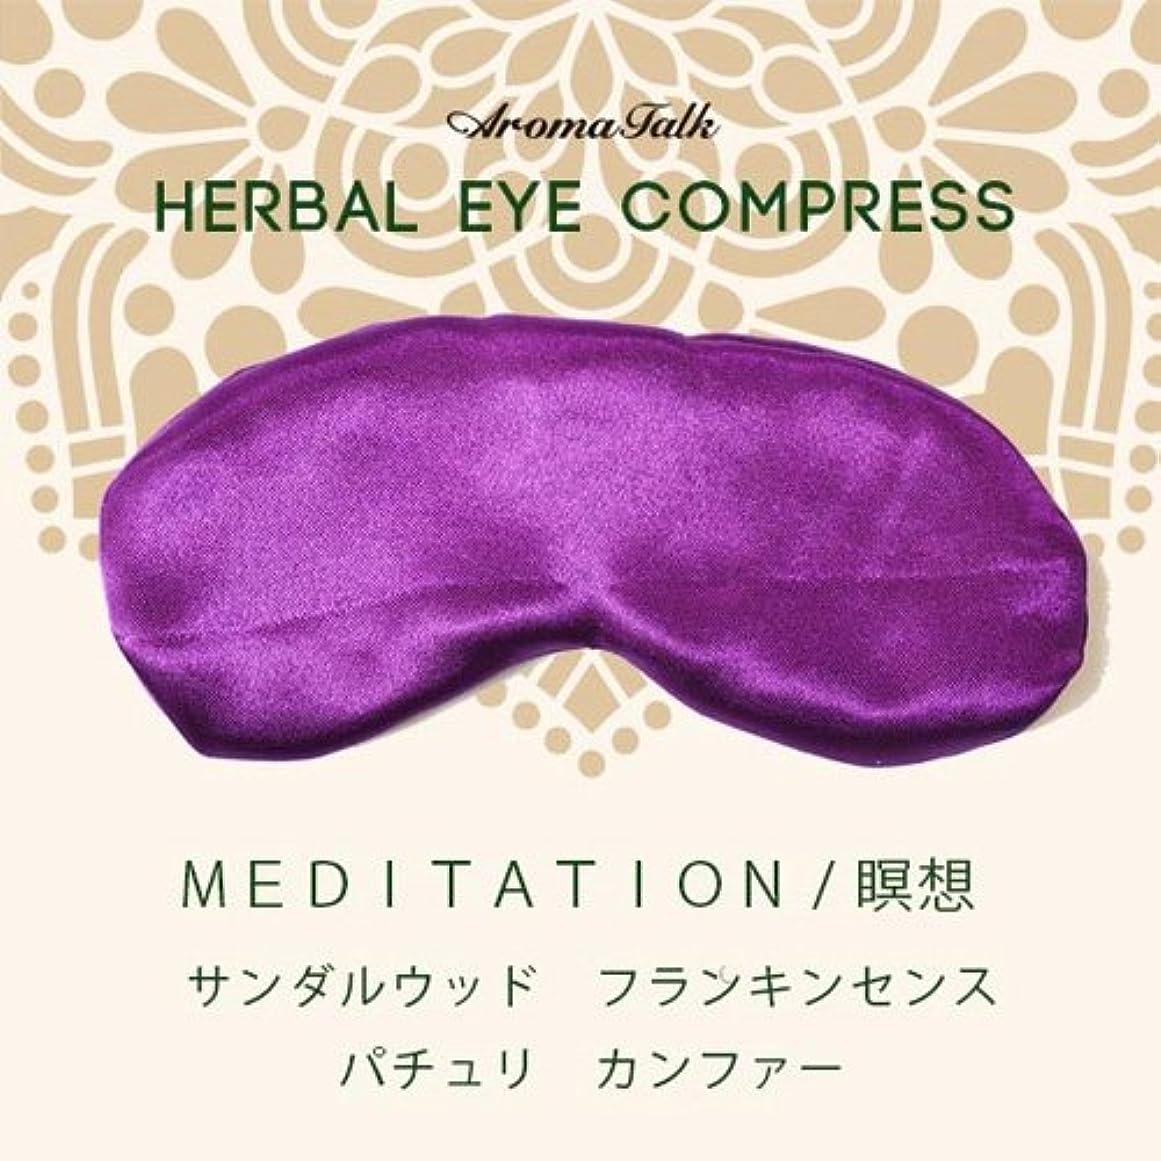 殺人者対応入場料ハーバルアイコンプレス「メディテイション 瞑想」紫/禅をイメージしたウッド系の香り